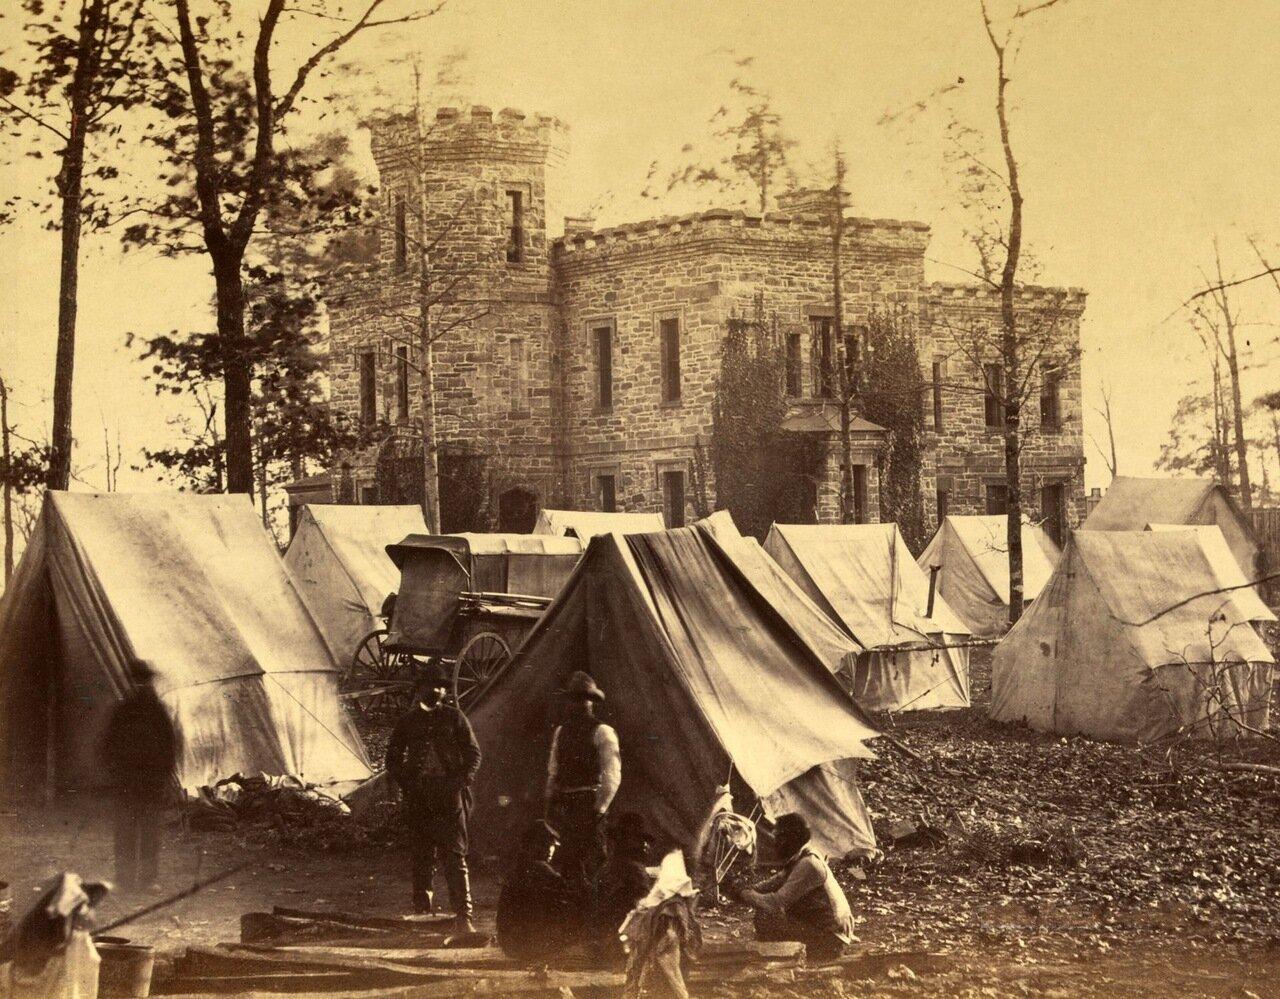 Особняк Мюррей около Оберна, штат Вирджиния. Ноябрь 1863 г.